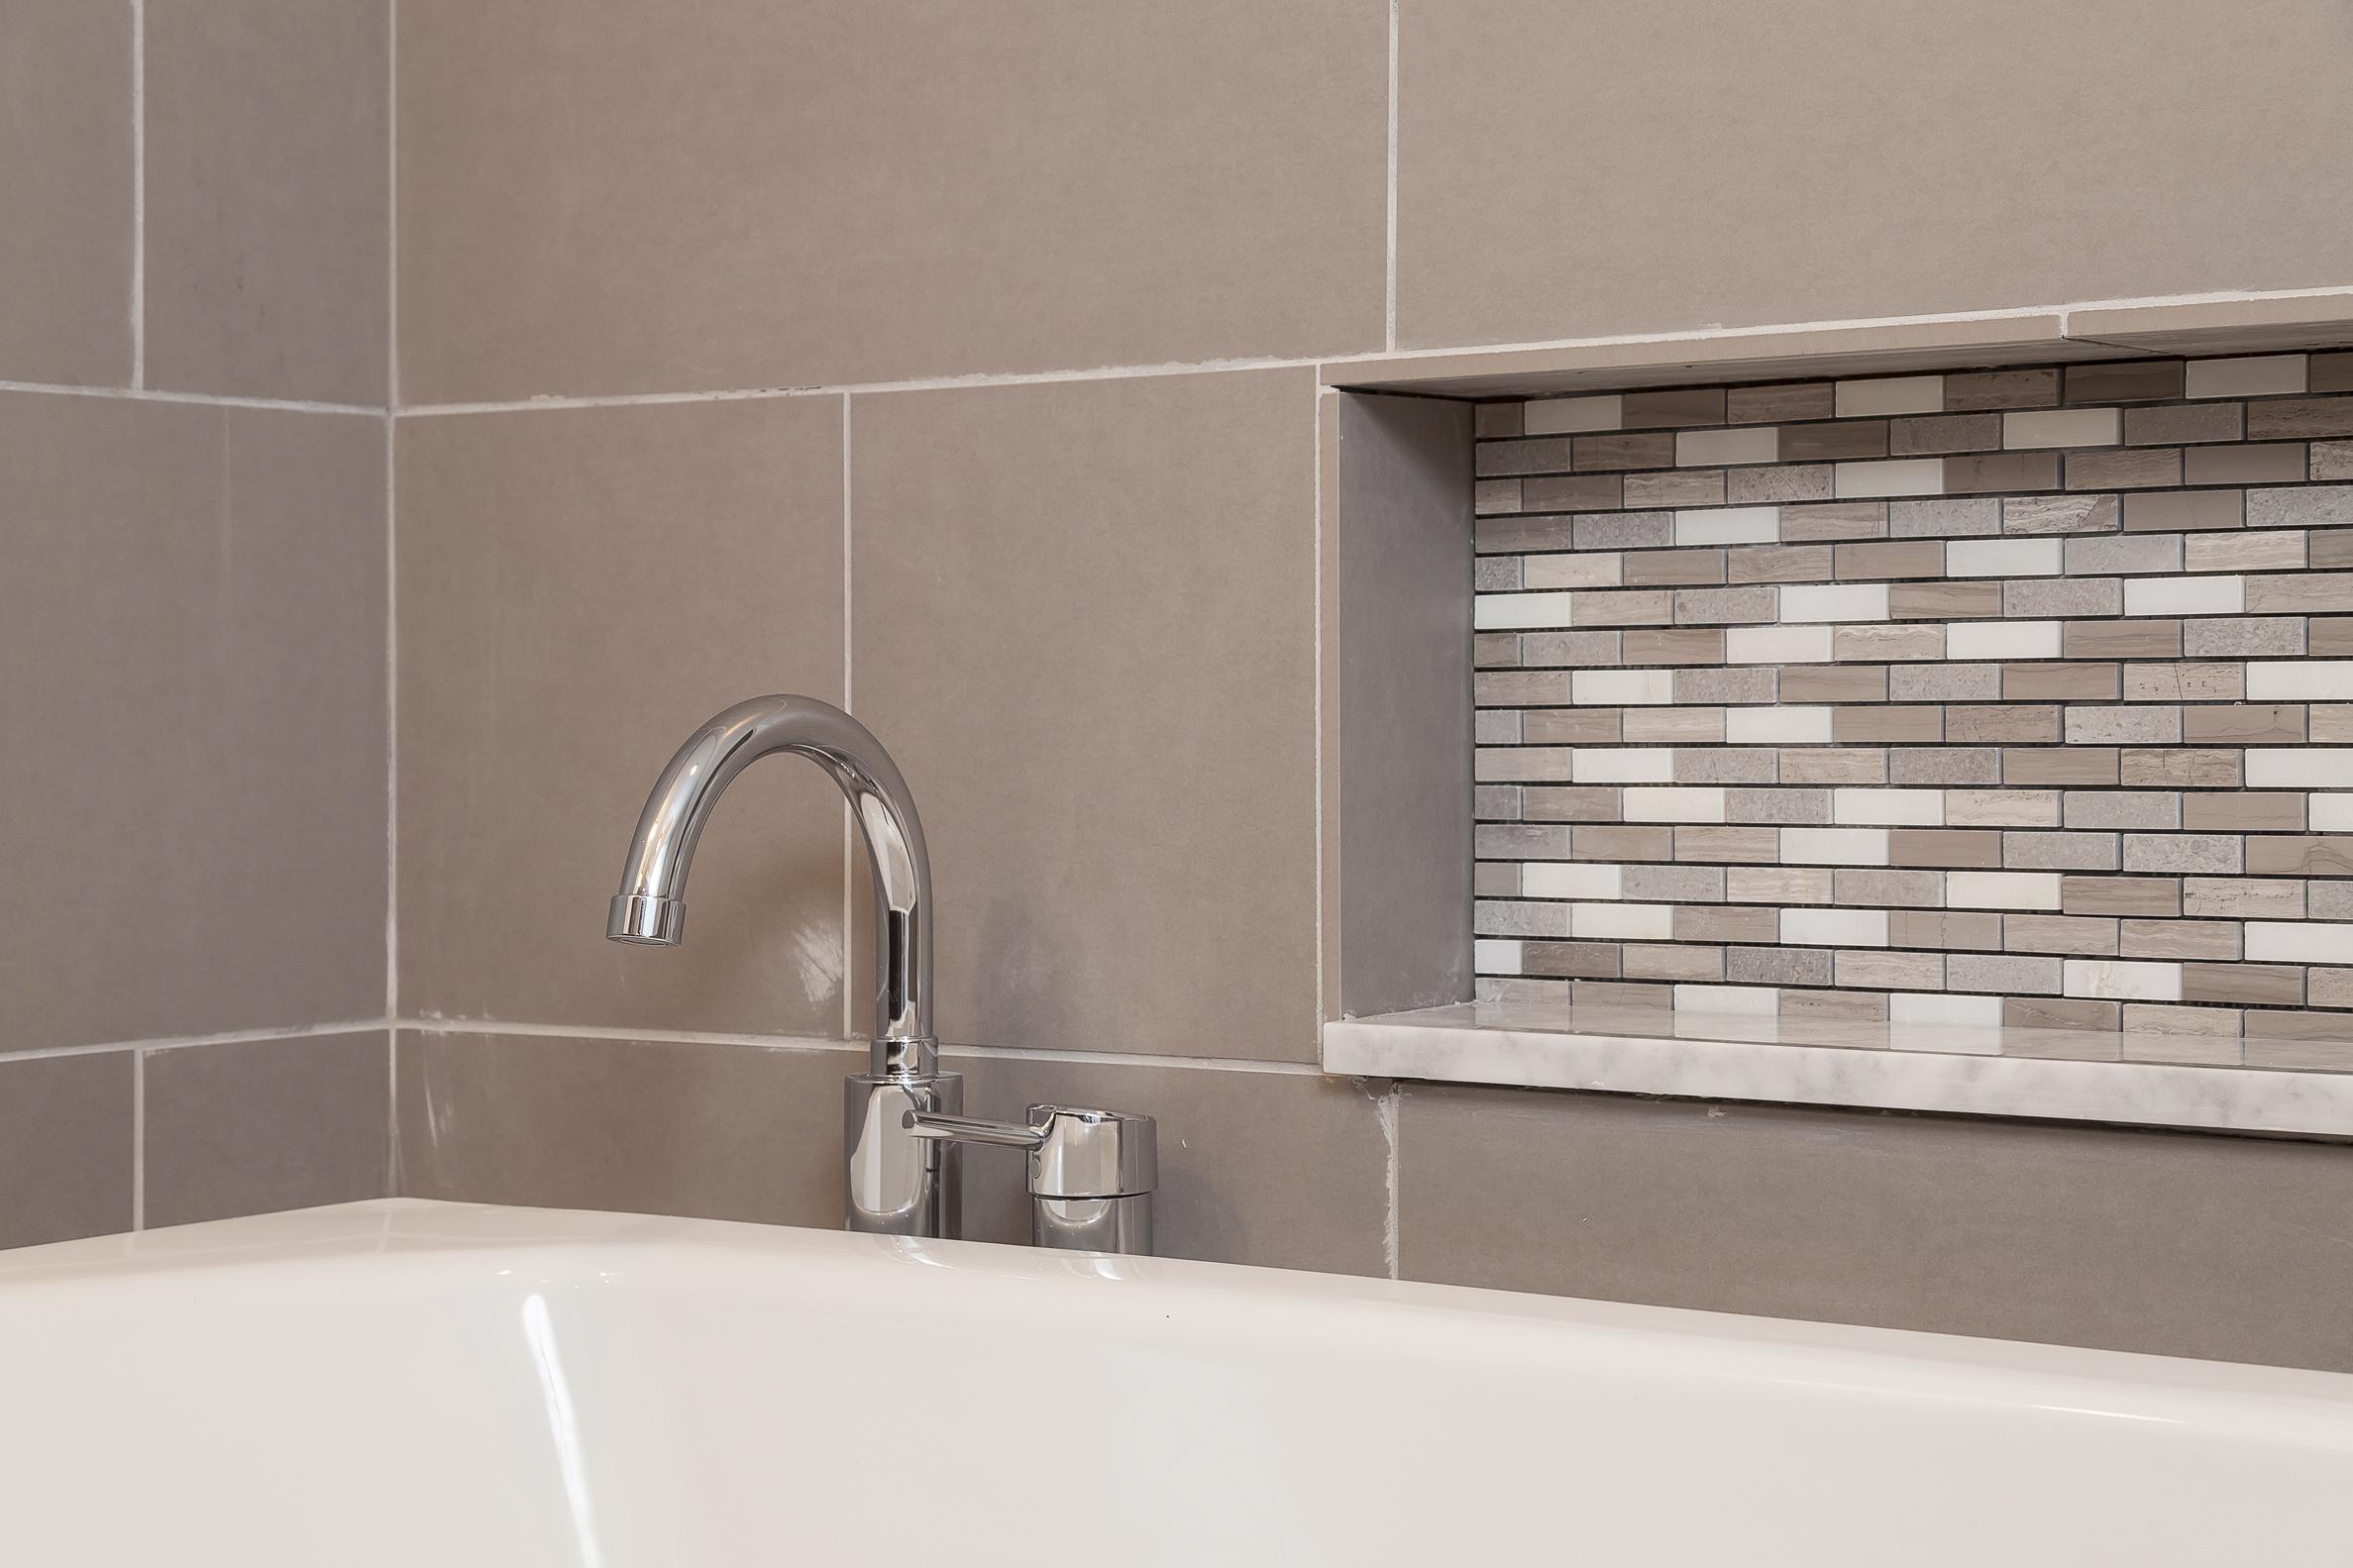 Kitchens Baths Santech Construction Corp